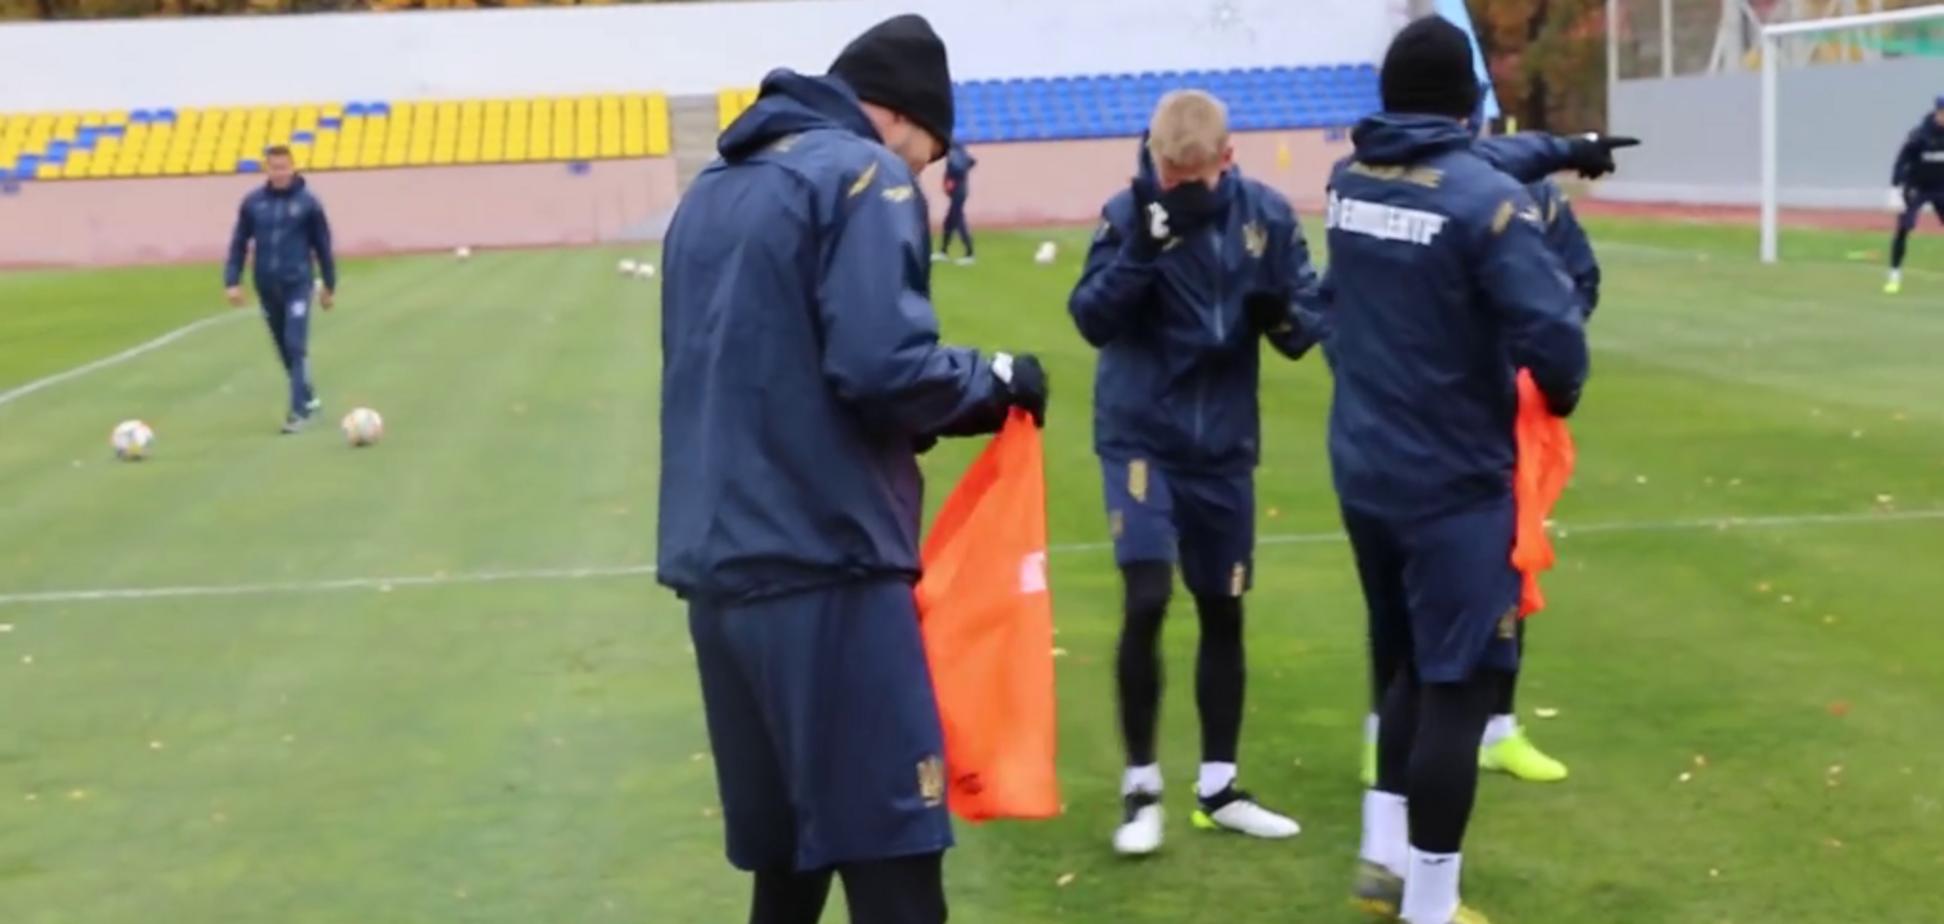 Малиновський відправив Зінченка в нокдаун на тренуванні збірної України - опубліковано відео